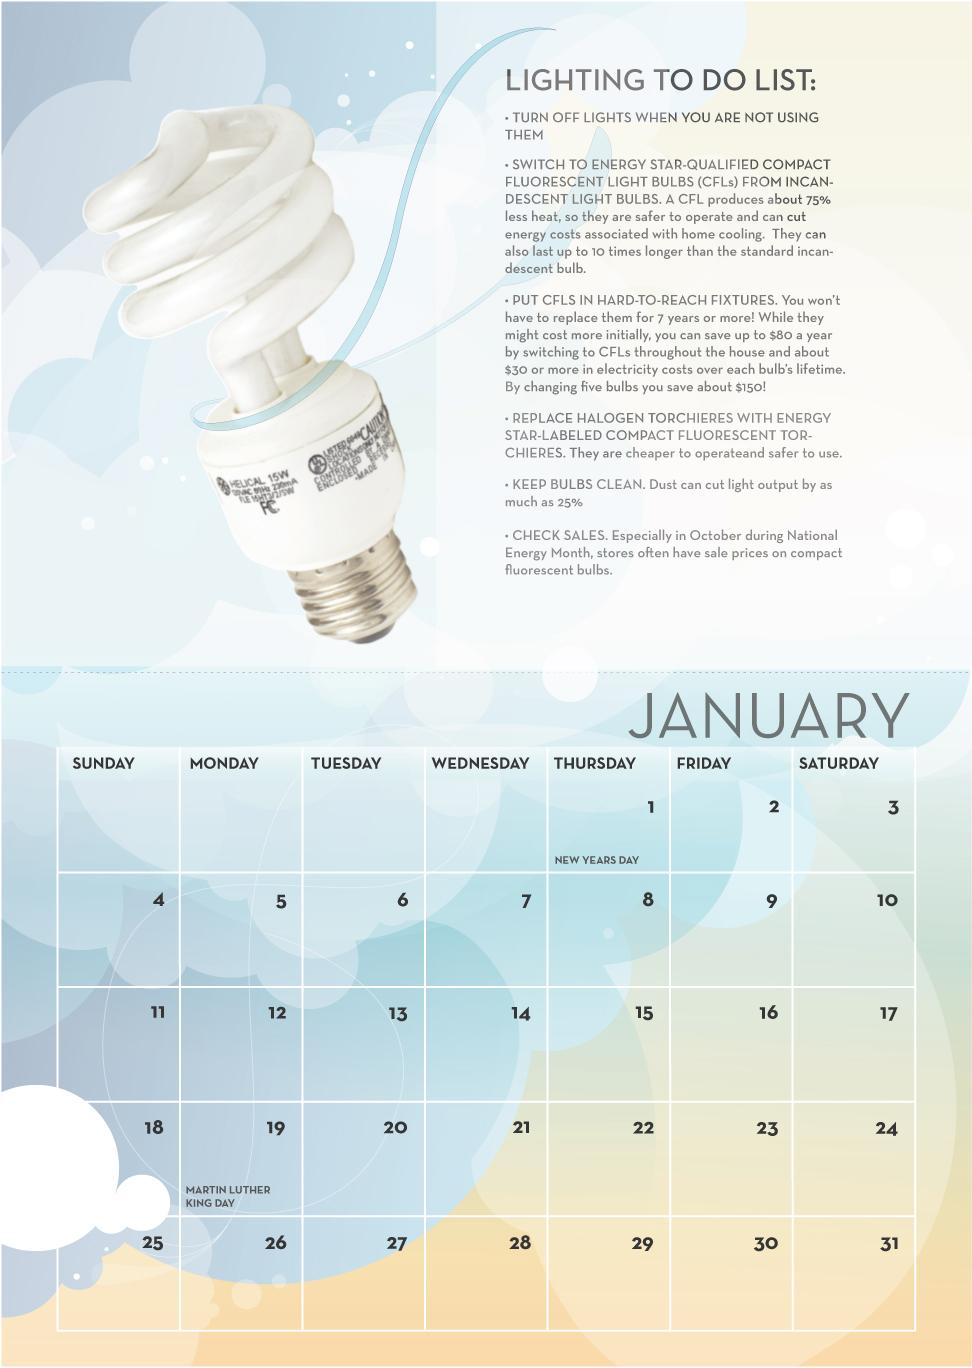 lightbulbs_comp1